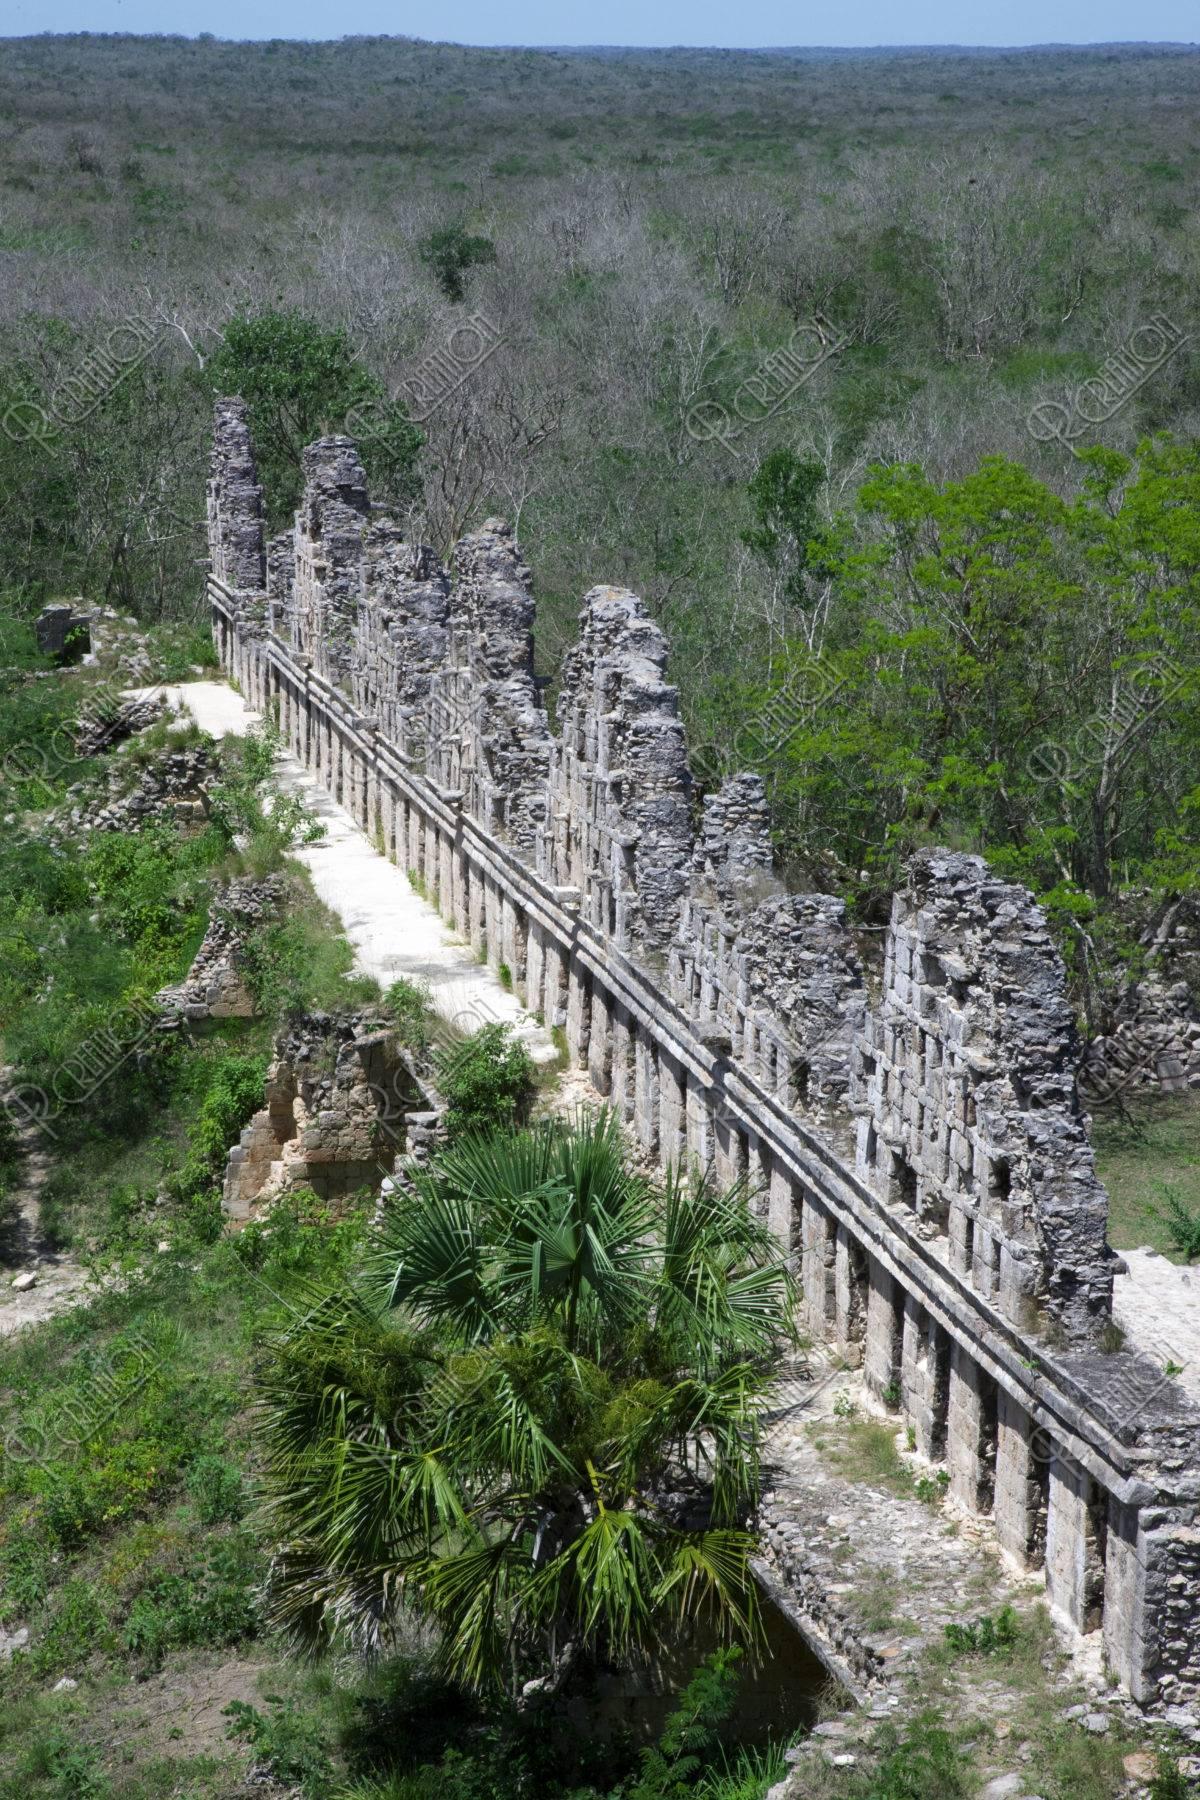 ウシュマル遺跡 鳩の家 世界遺産